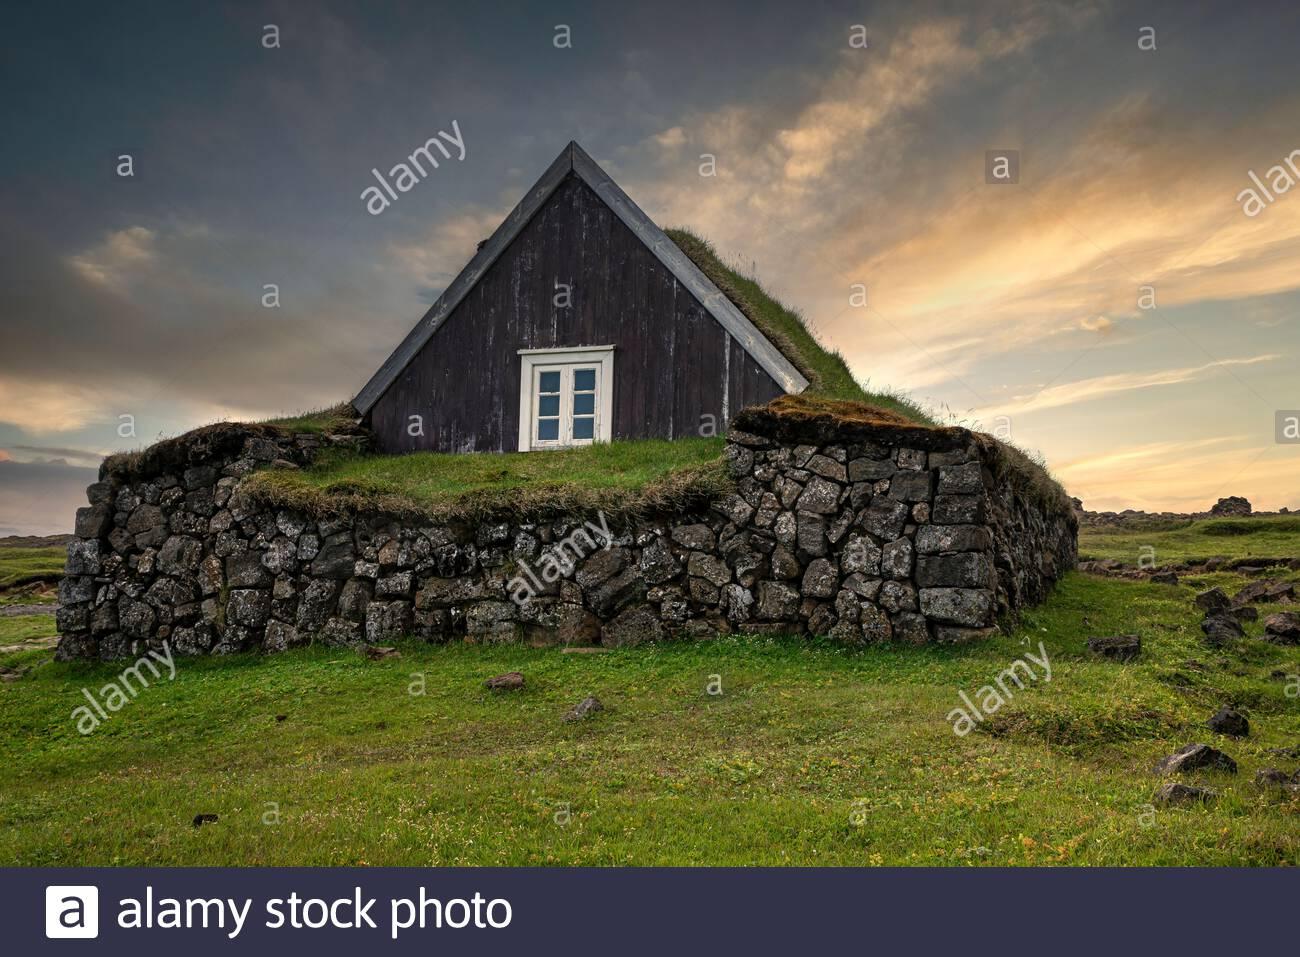 icelandic-house-2BJ49Y7.jpg